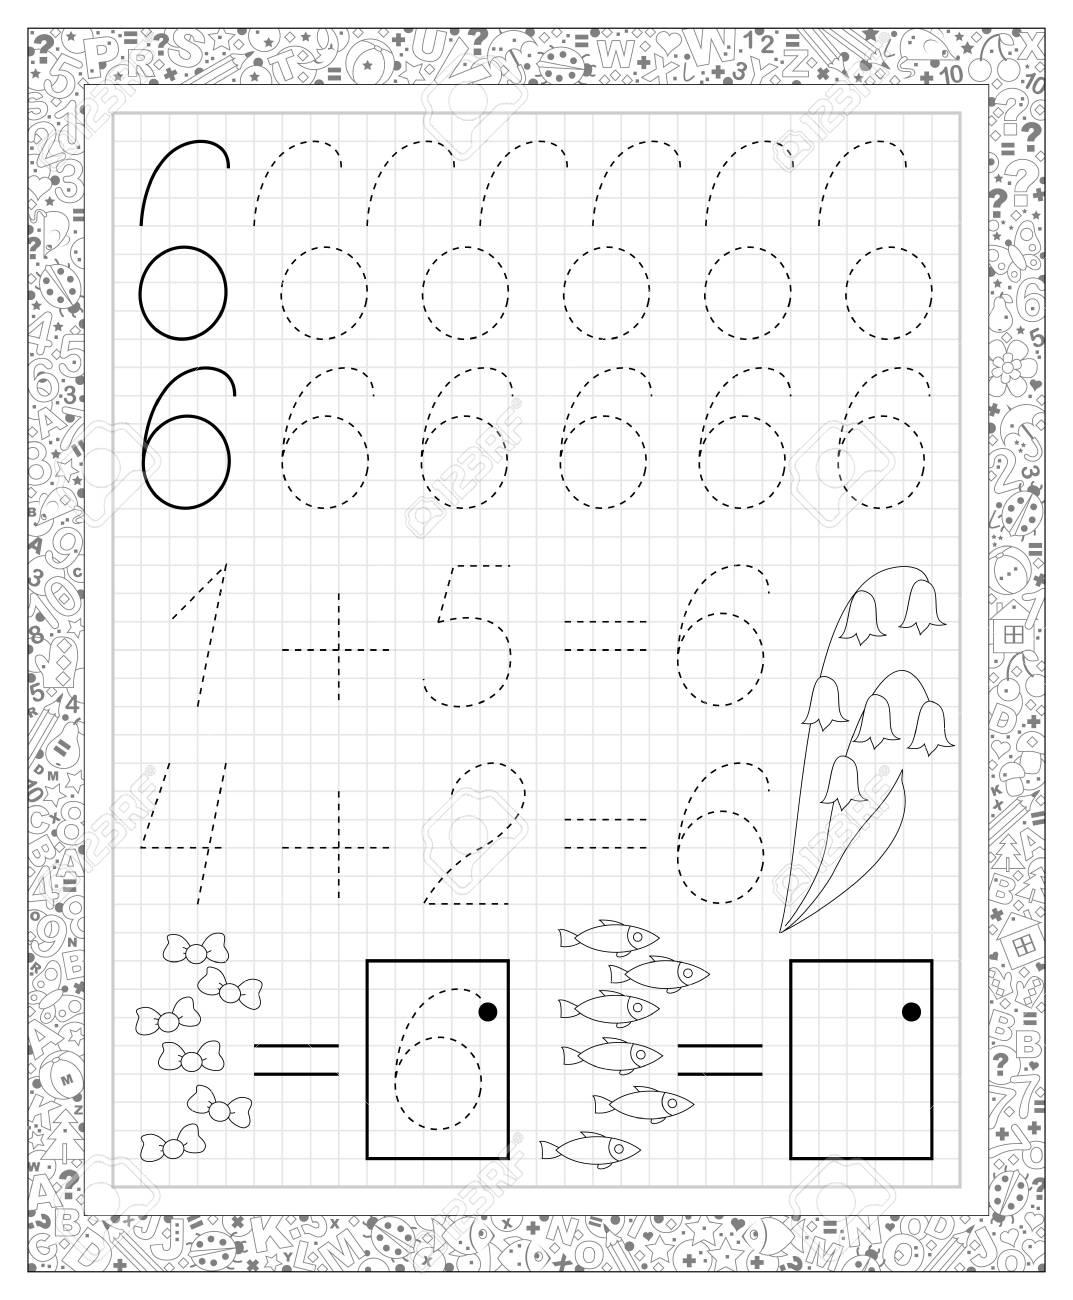 Schwarz-Weiß-Arbeitsblatt Auf Einem Quadratischen Papier Mit Übungen ...